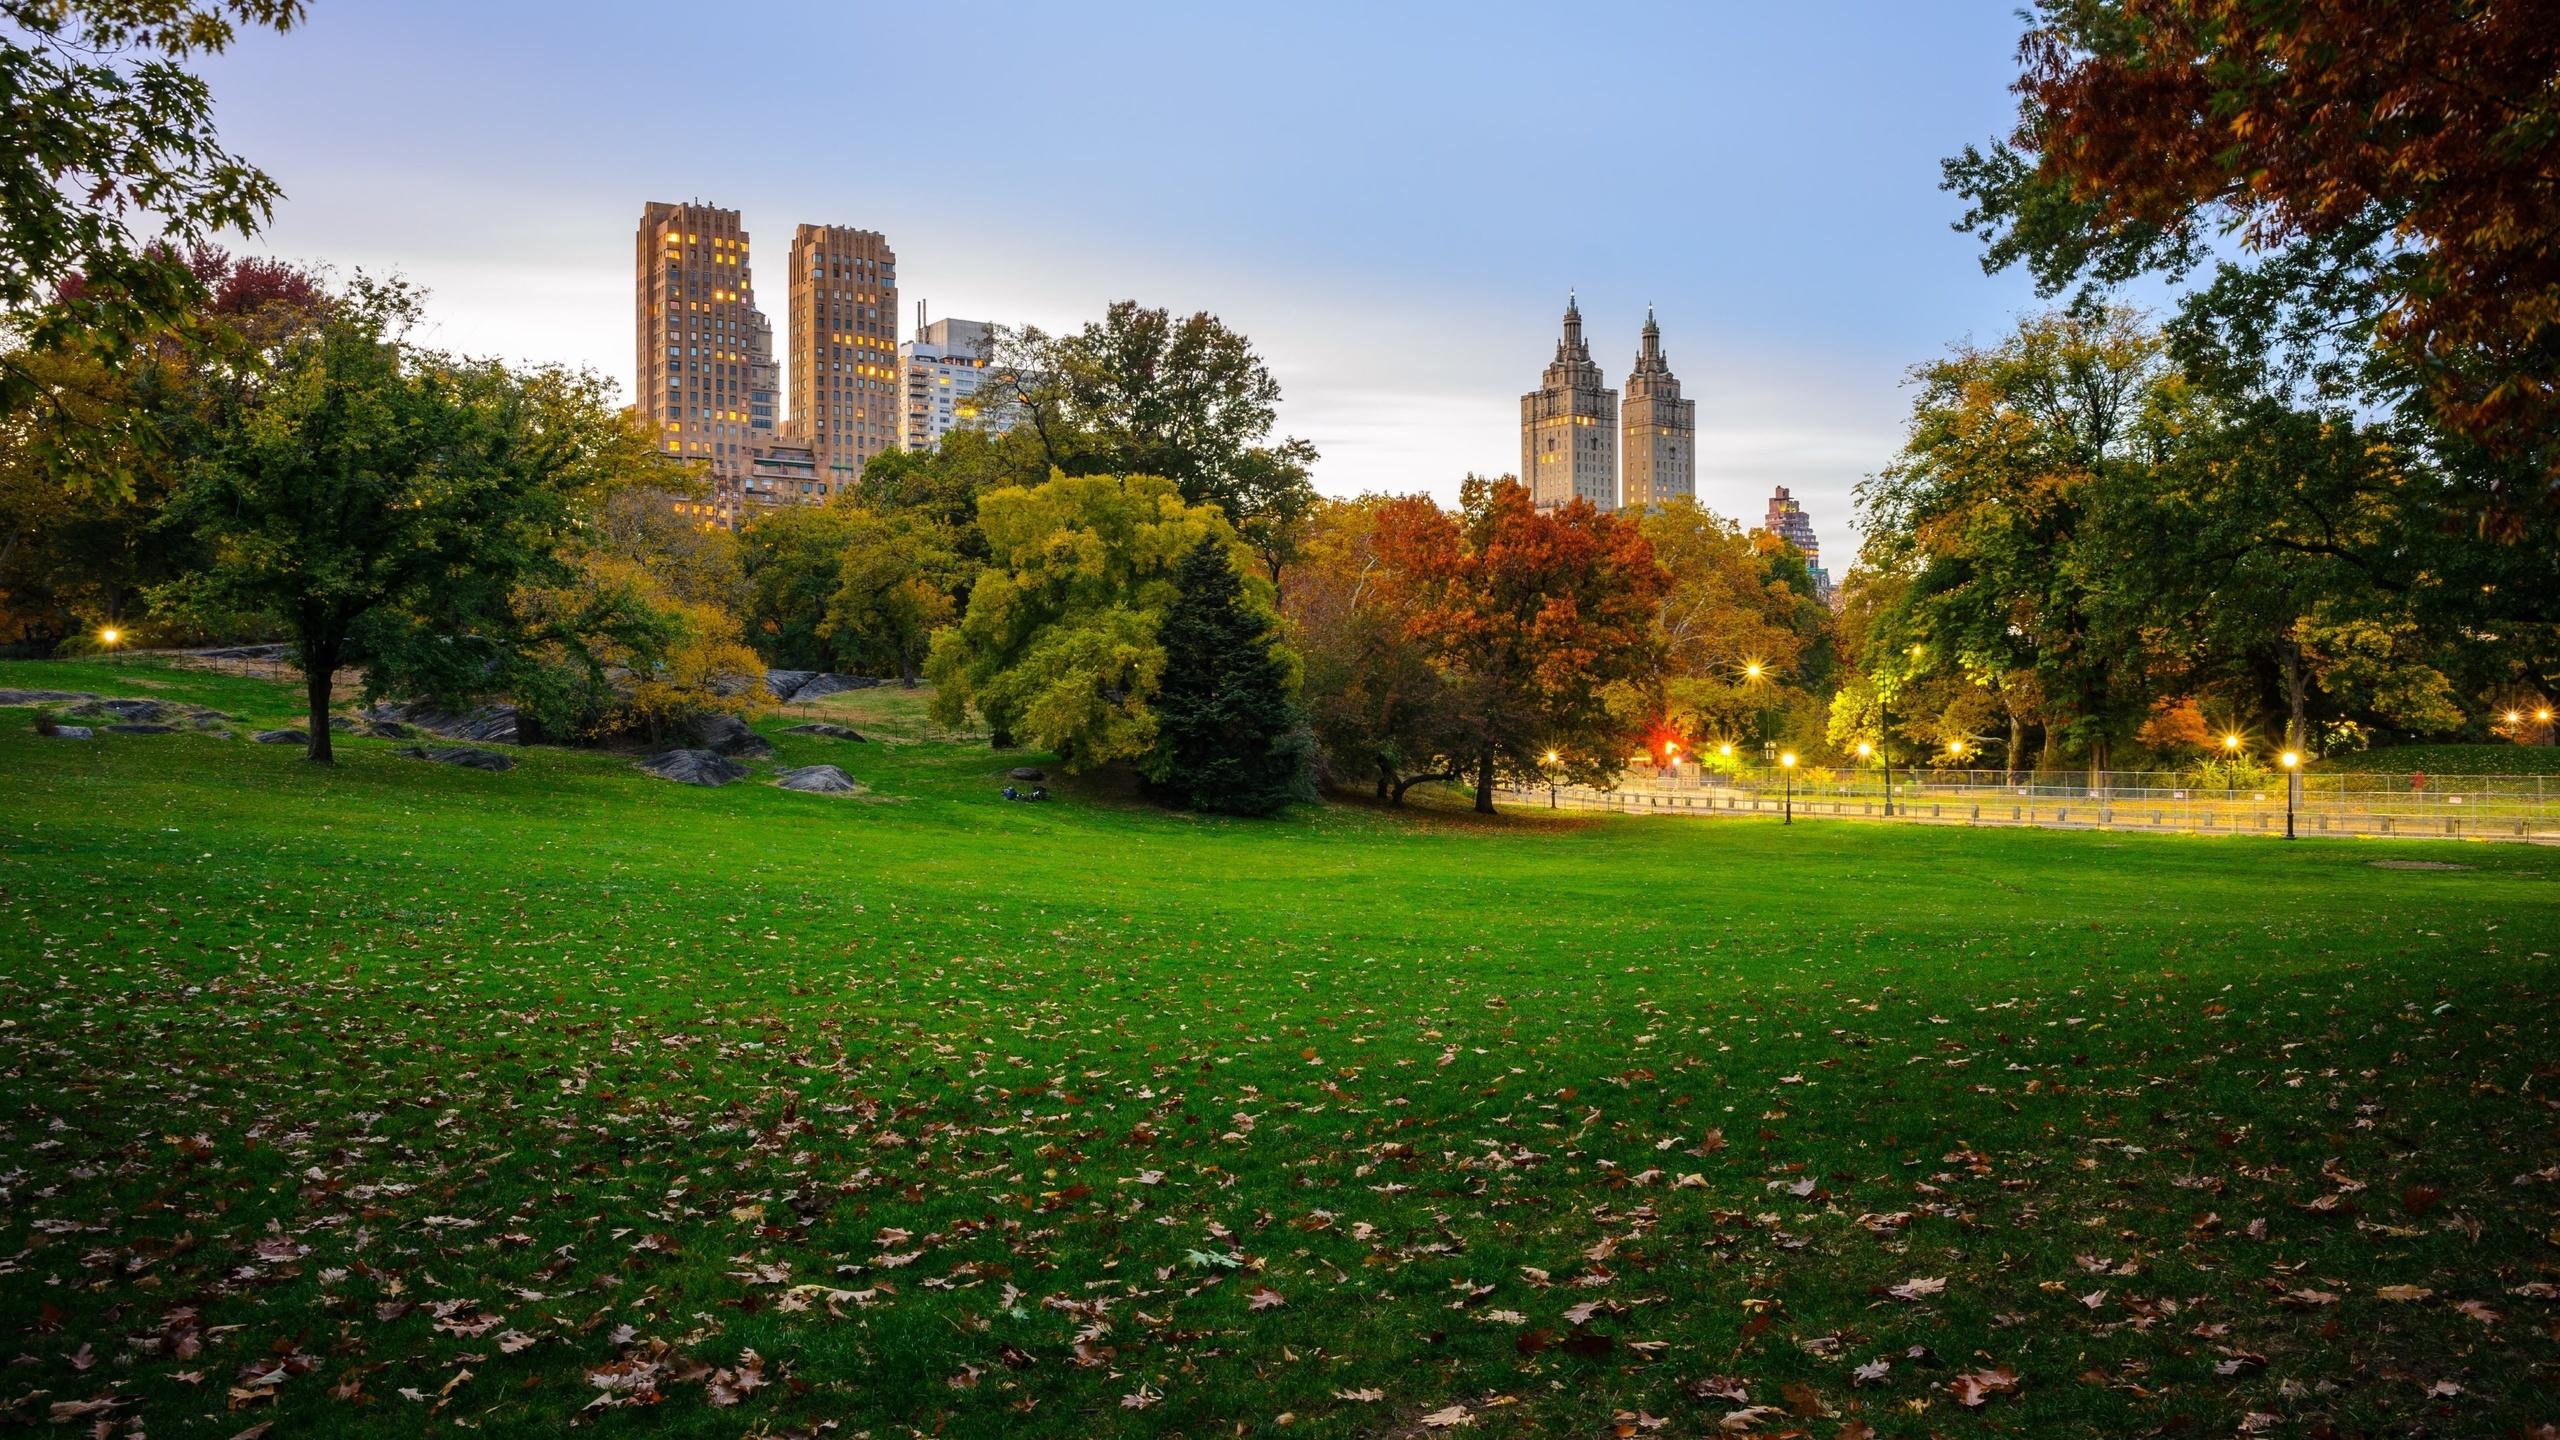 Города и природа картинки